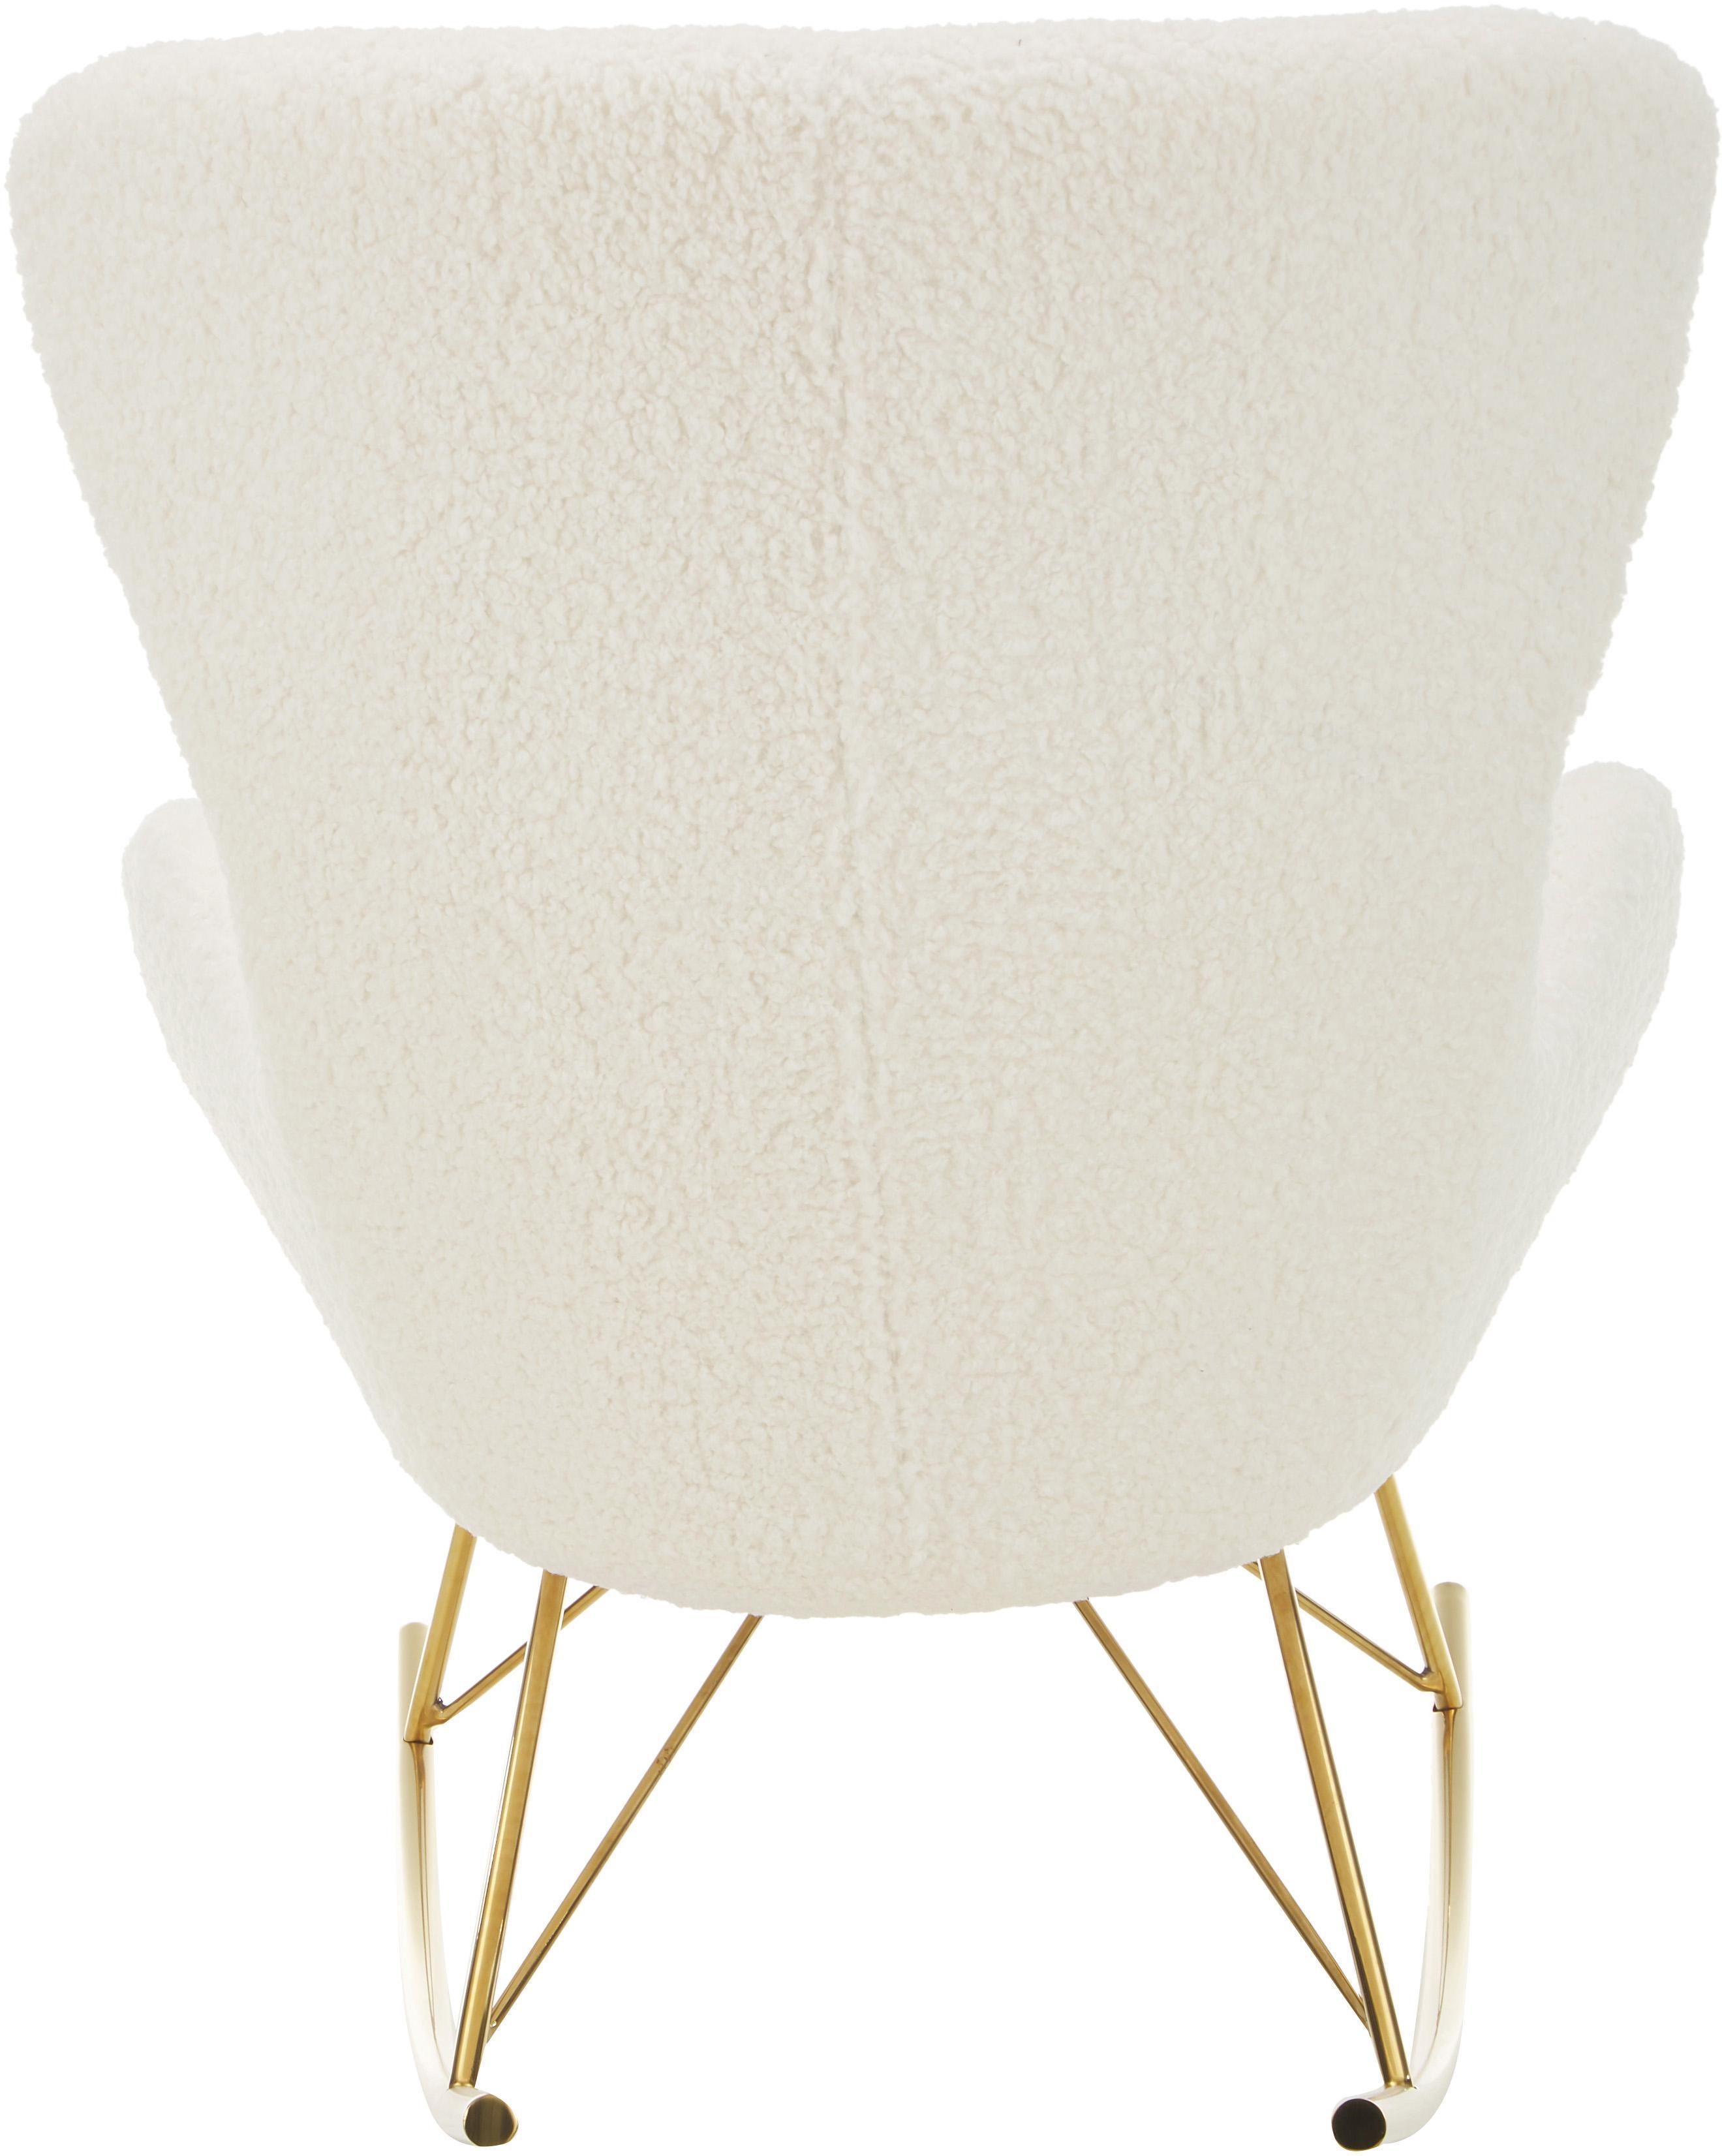 Teddy-Schaukelstuhl Wing, Bezug: Polyester (Teddyfell) Der, Gestell: Metall, galvanisiert, Webstoff Cremeweiss, B 66 x T 102 cm